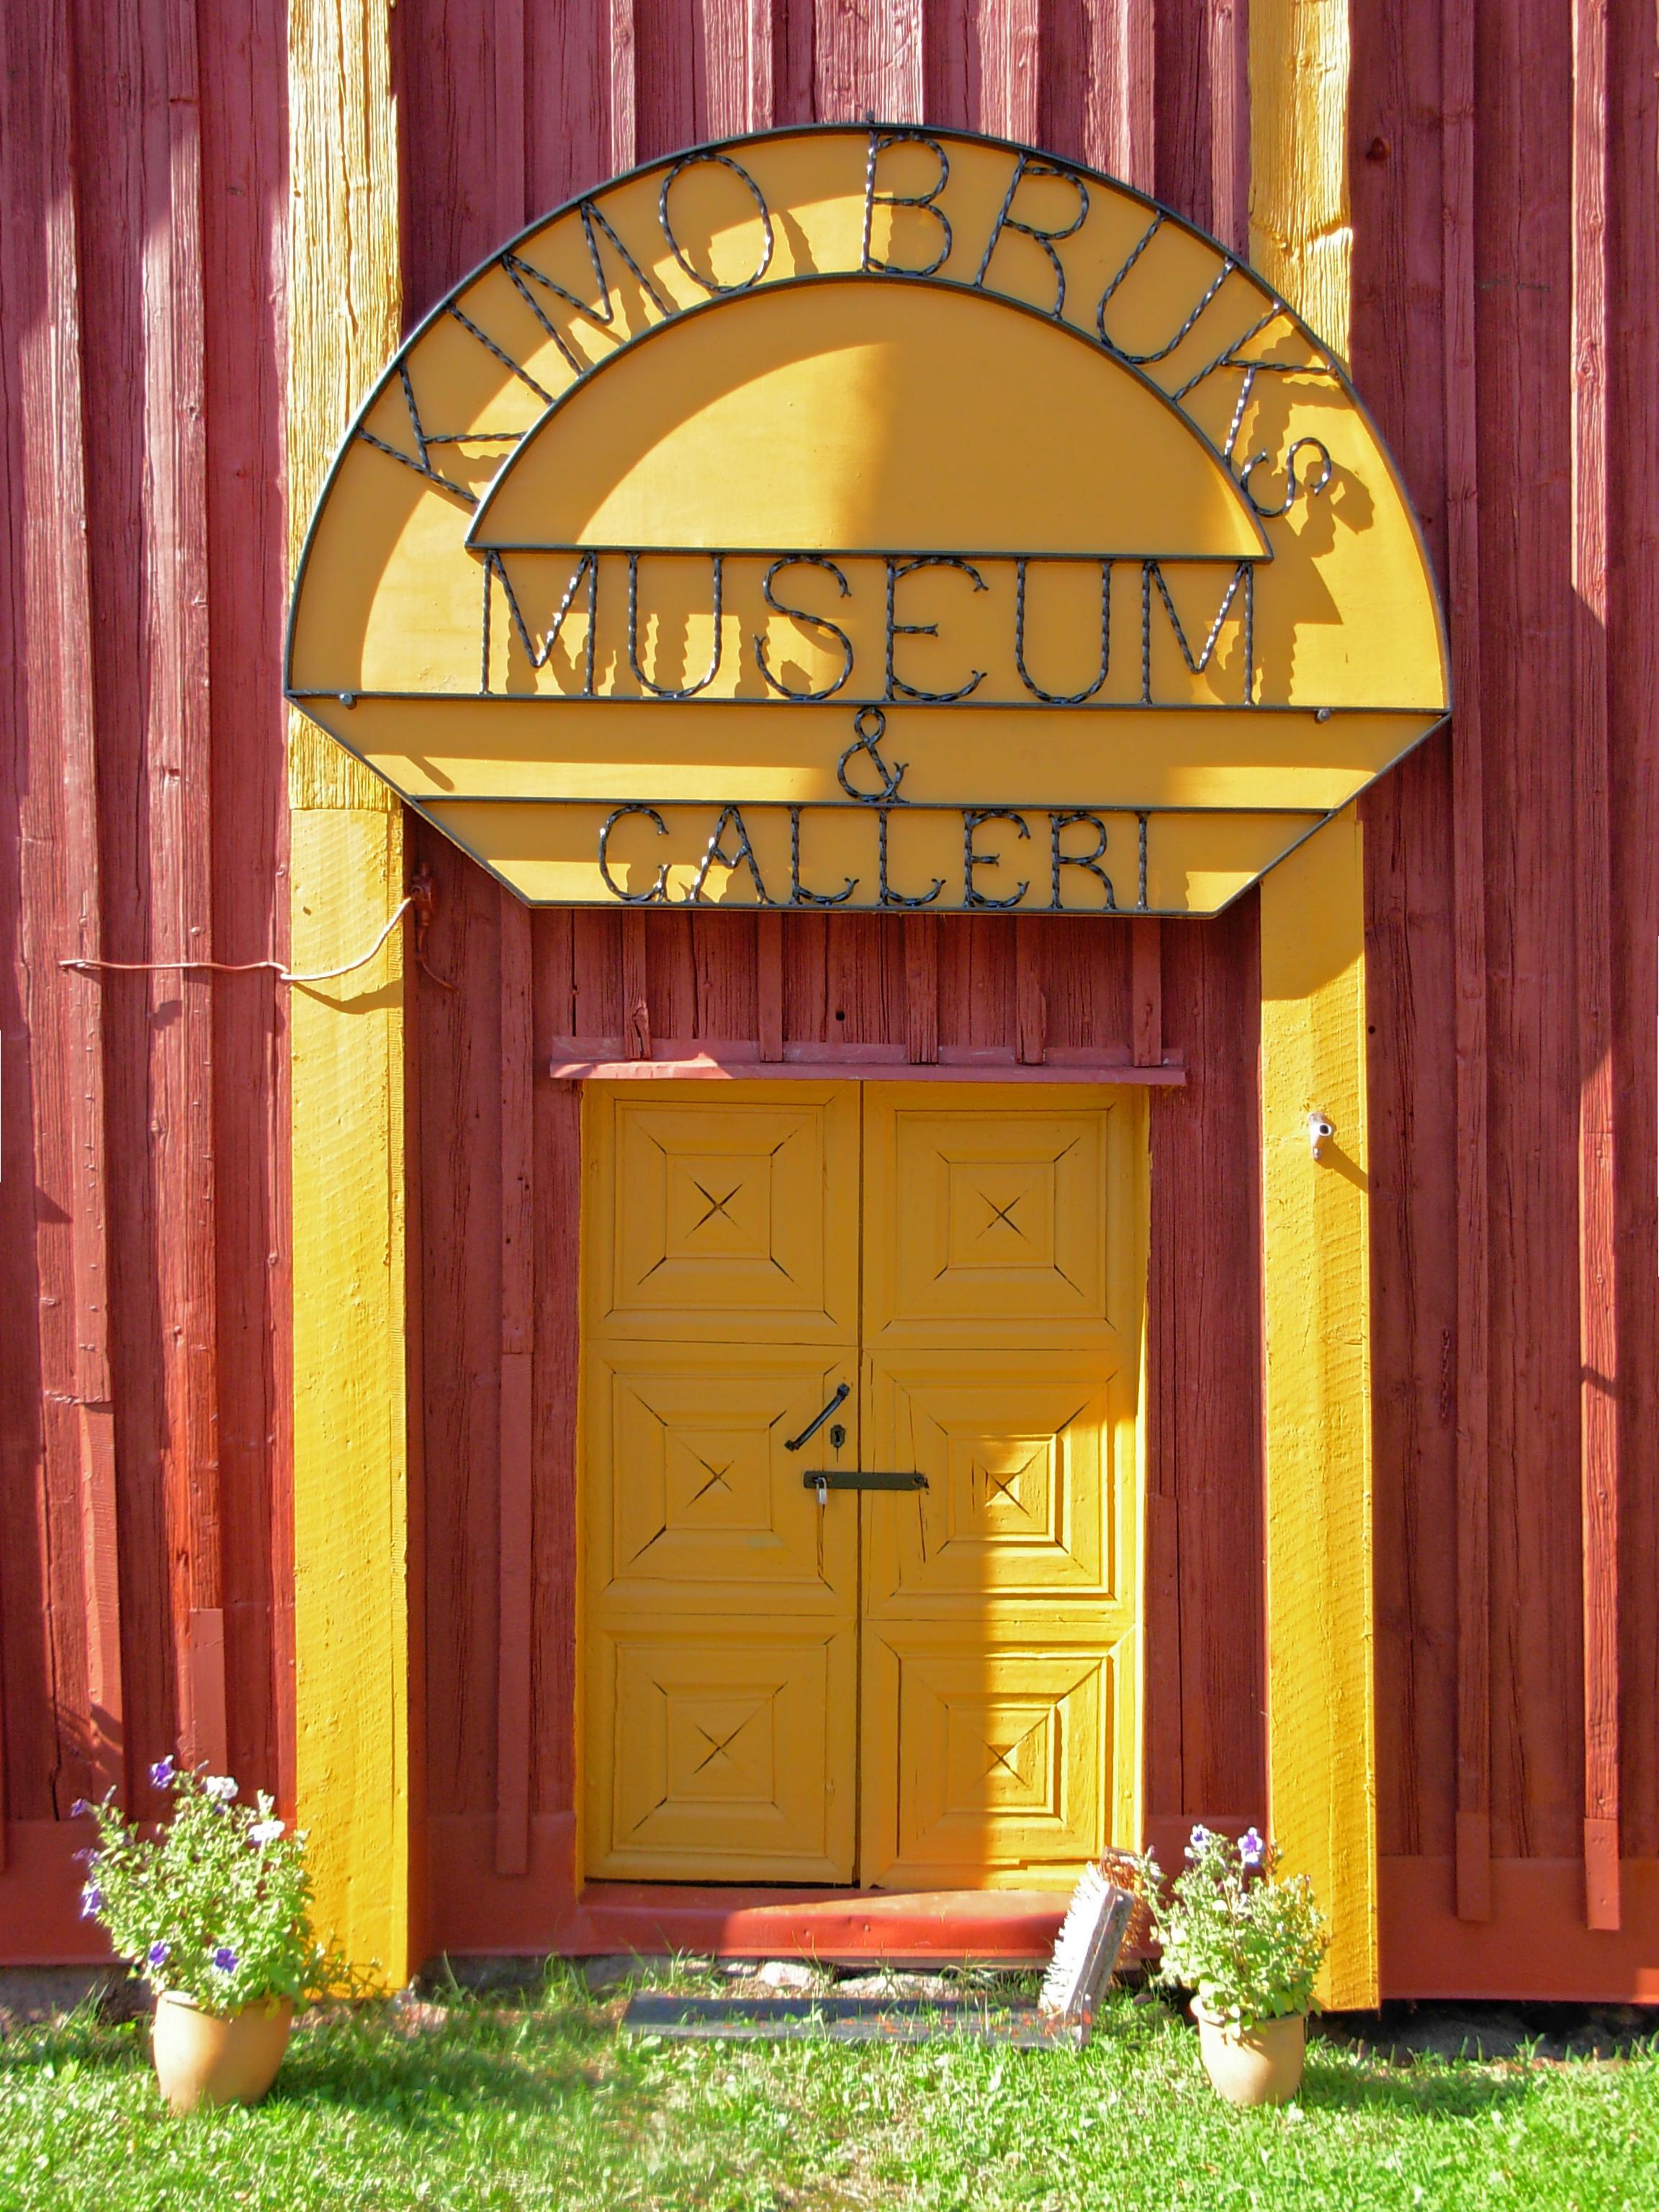 Museets_dörr